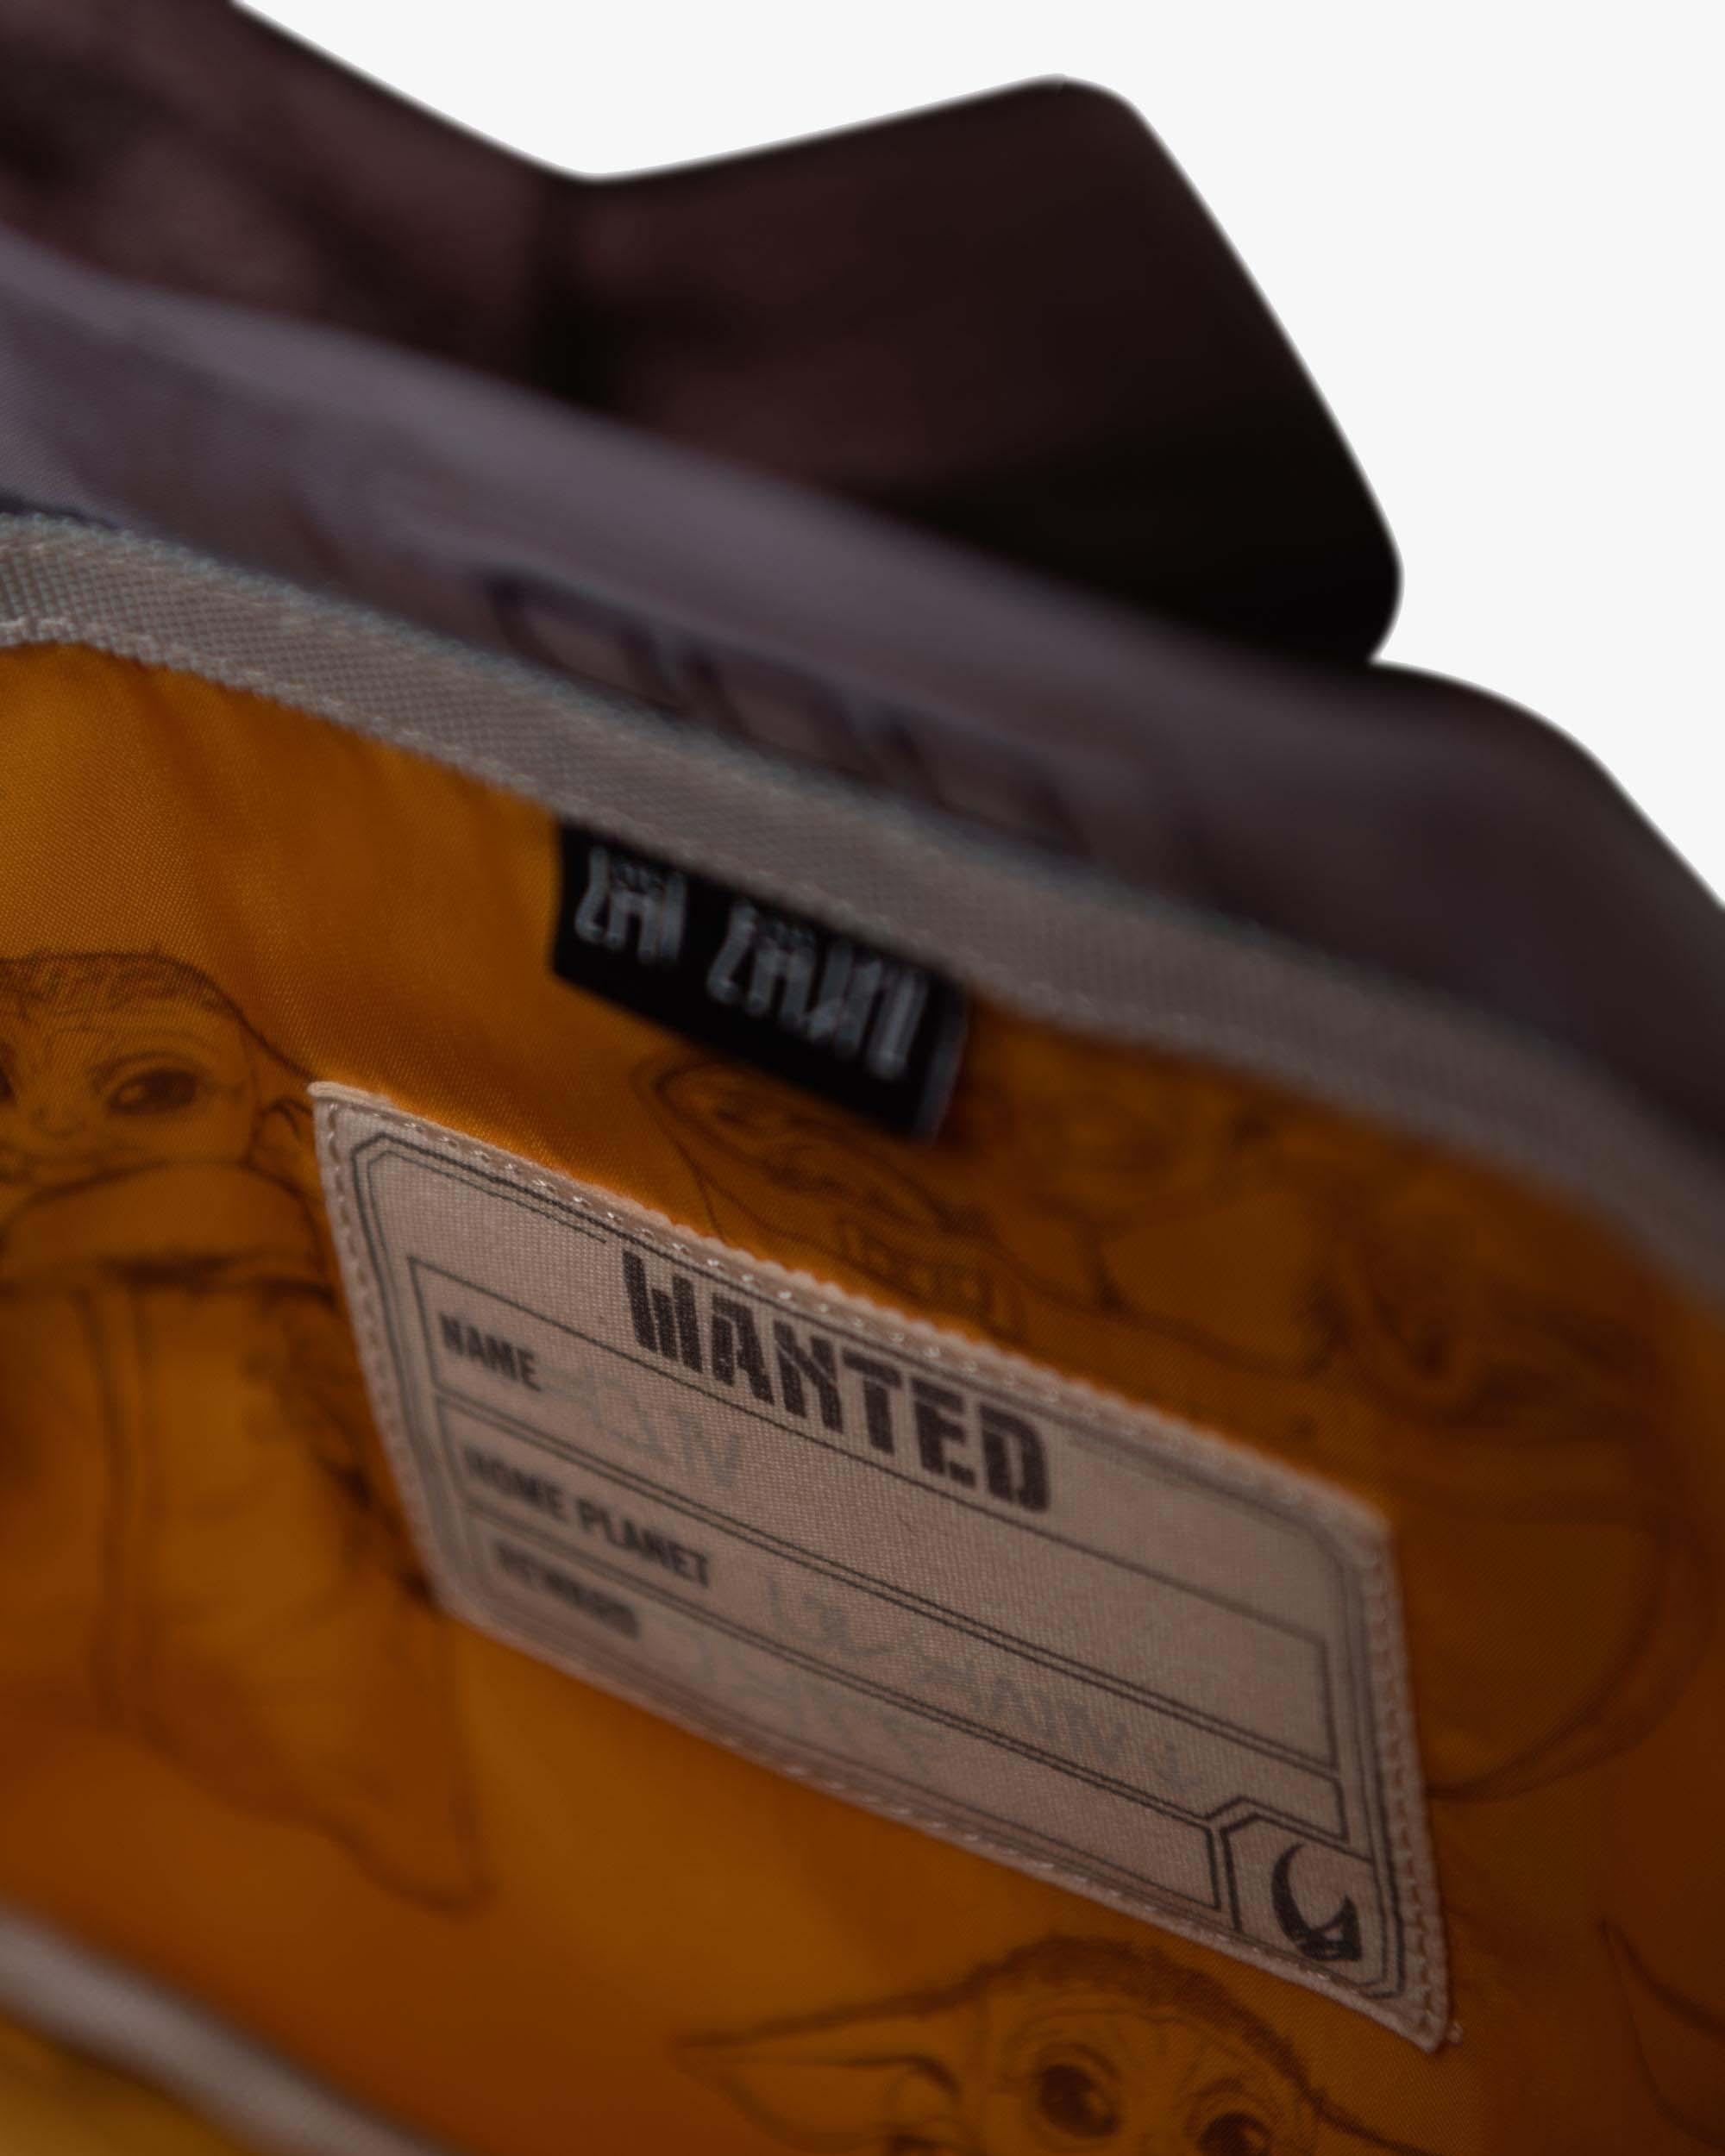 Étiquette nom représentant une prime